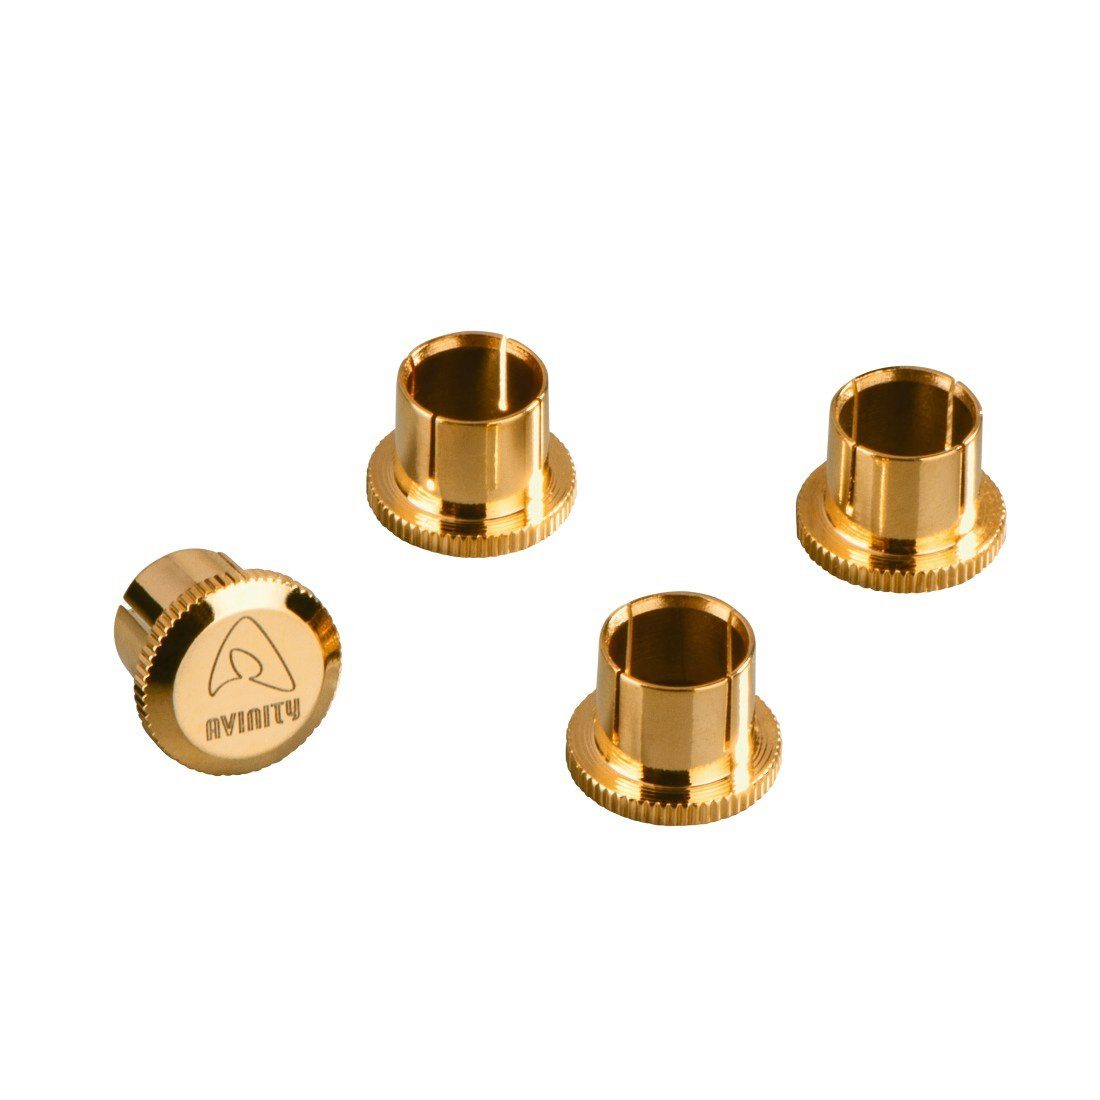 Avinity Cinch-Schutzkappen, vergoldet, 4er-Set